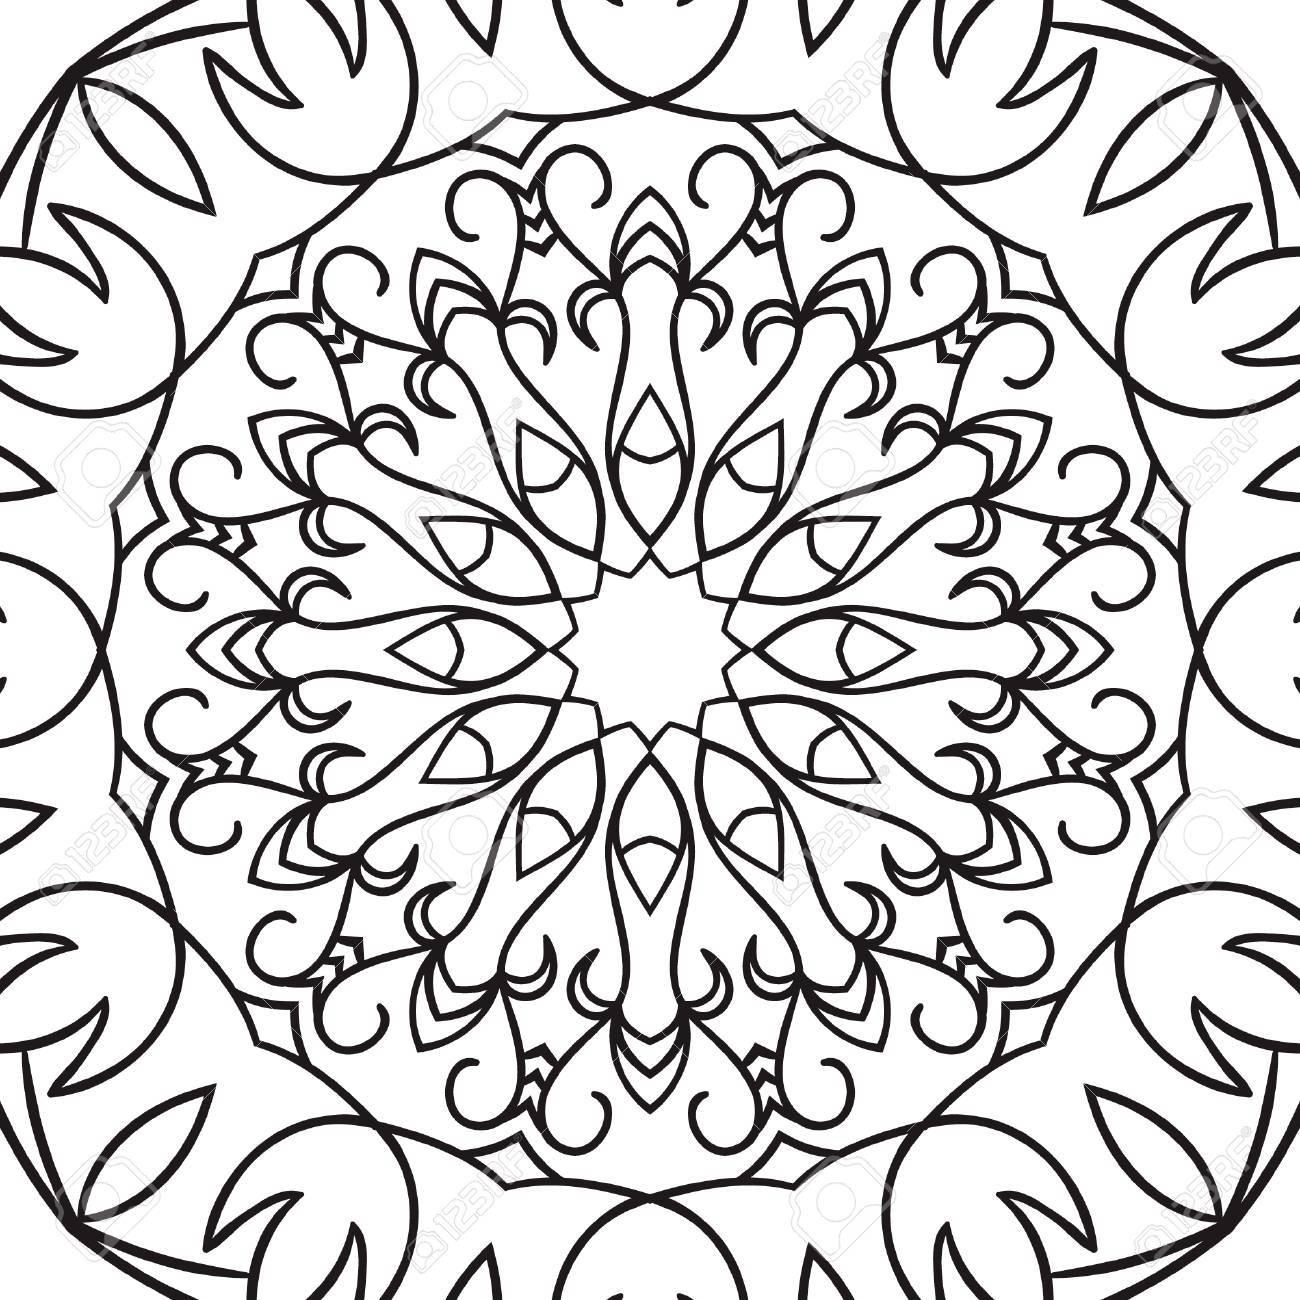 Hermoso Vector Mandala. Dibujo Negro Aislado En Blanco. Diseño Para ...